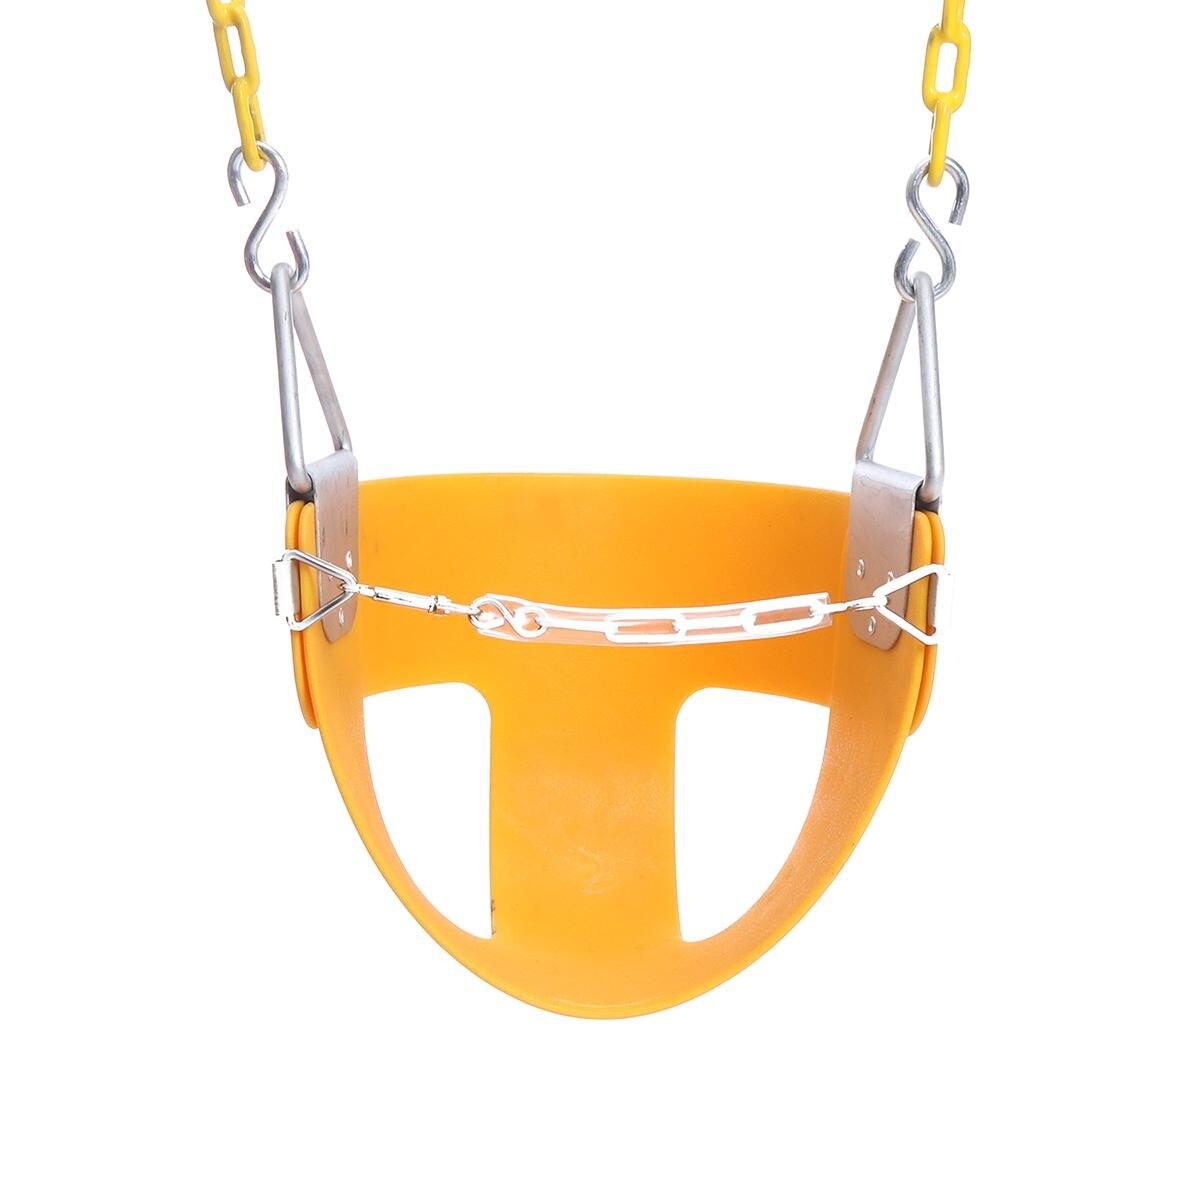 Suspendu en plein air jardin enfants bébé balançoire siège sécurité Protection hamac chaise éducatifs Fun jouets balançoires panier enfants cadeaux